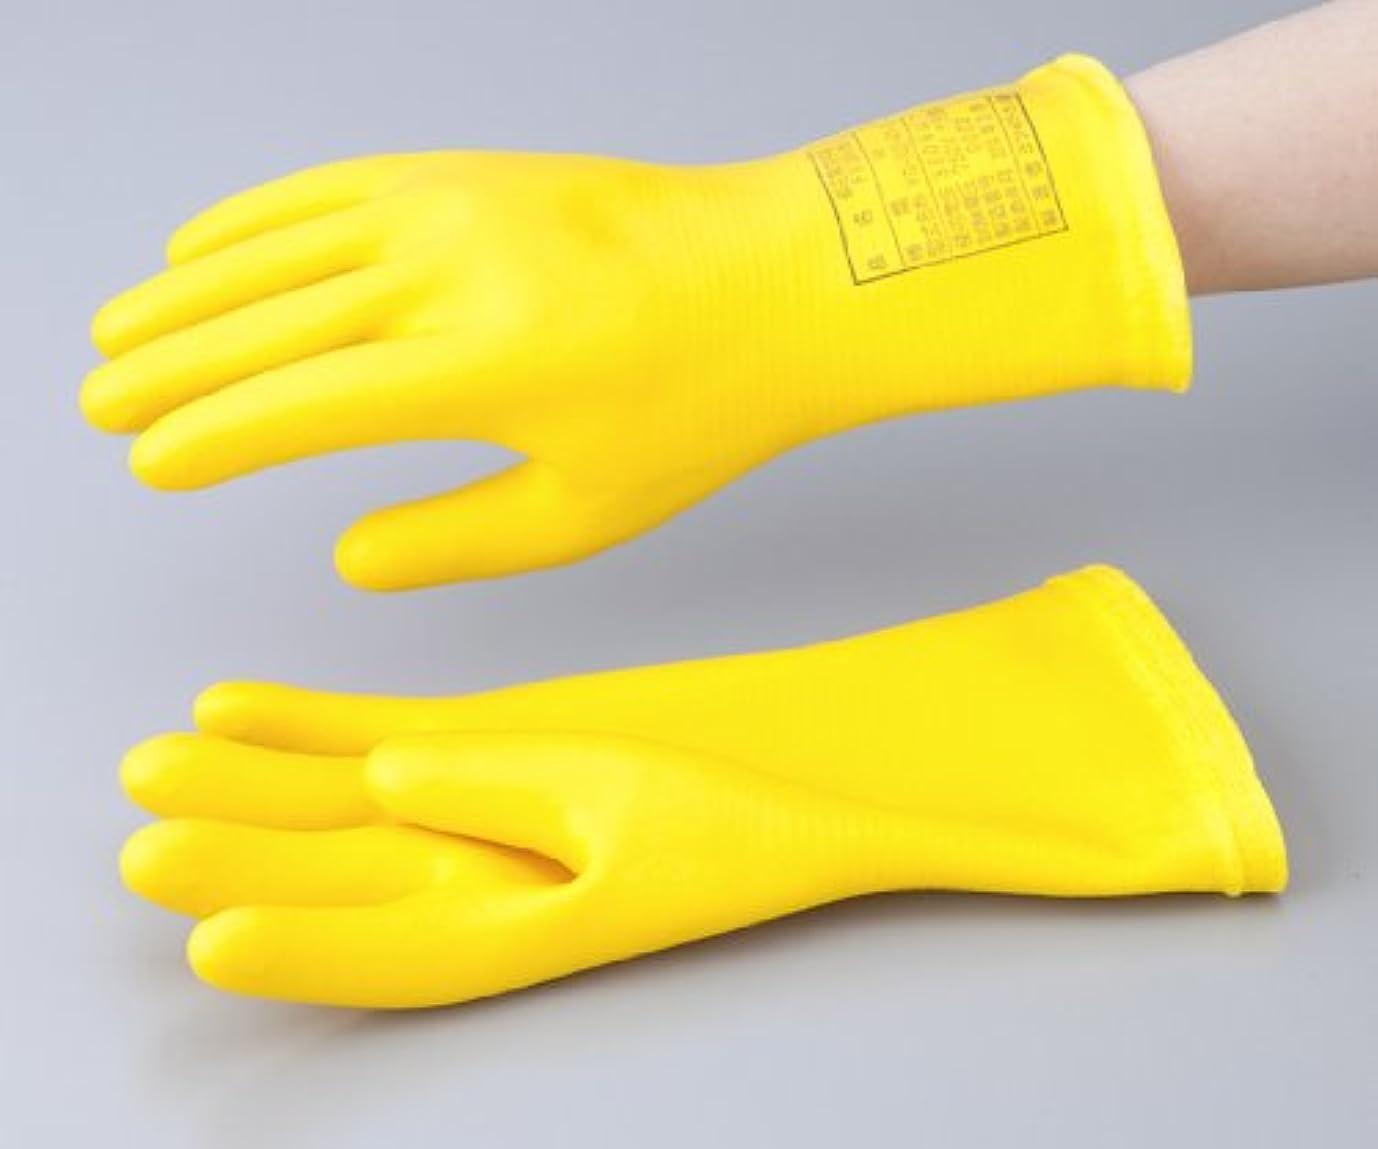 余分な僕の仕事に行く1-3686-03低圧用発泡手袋M